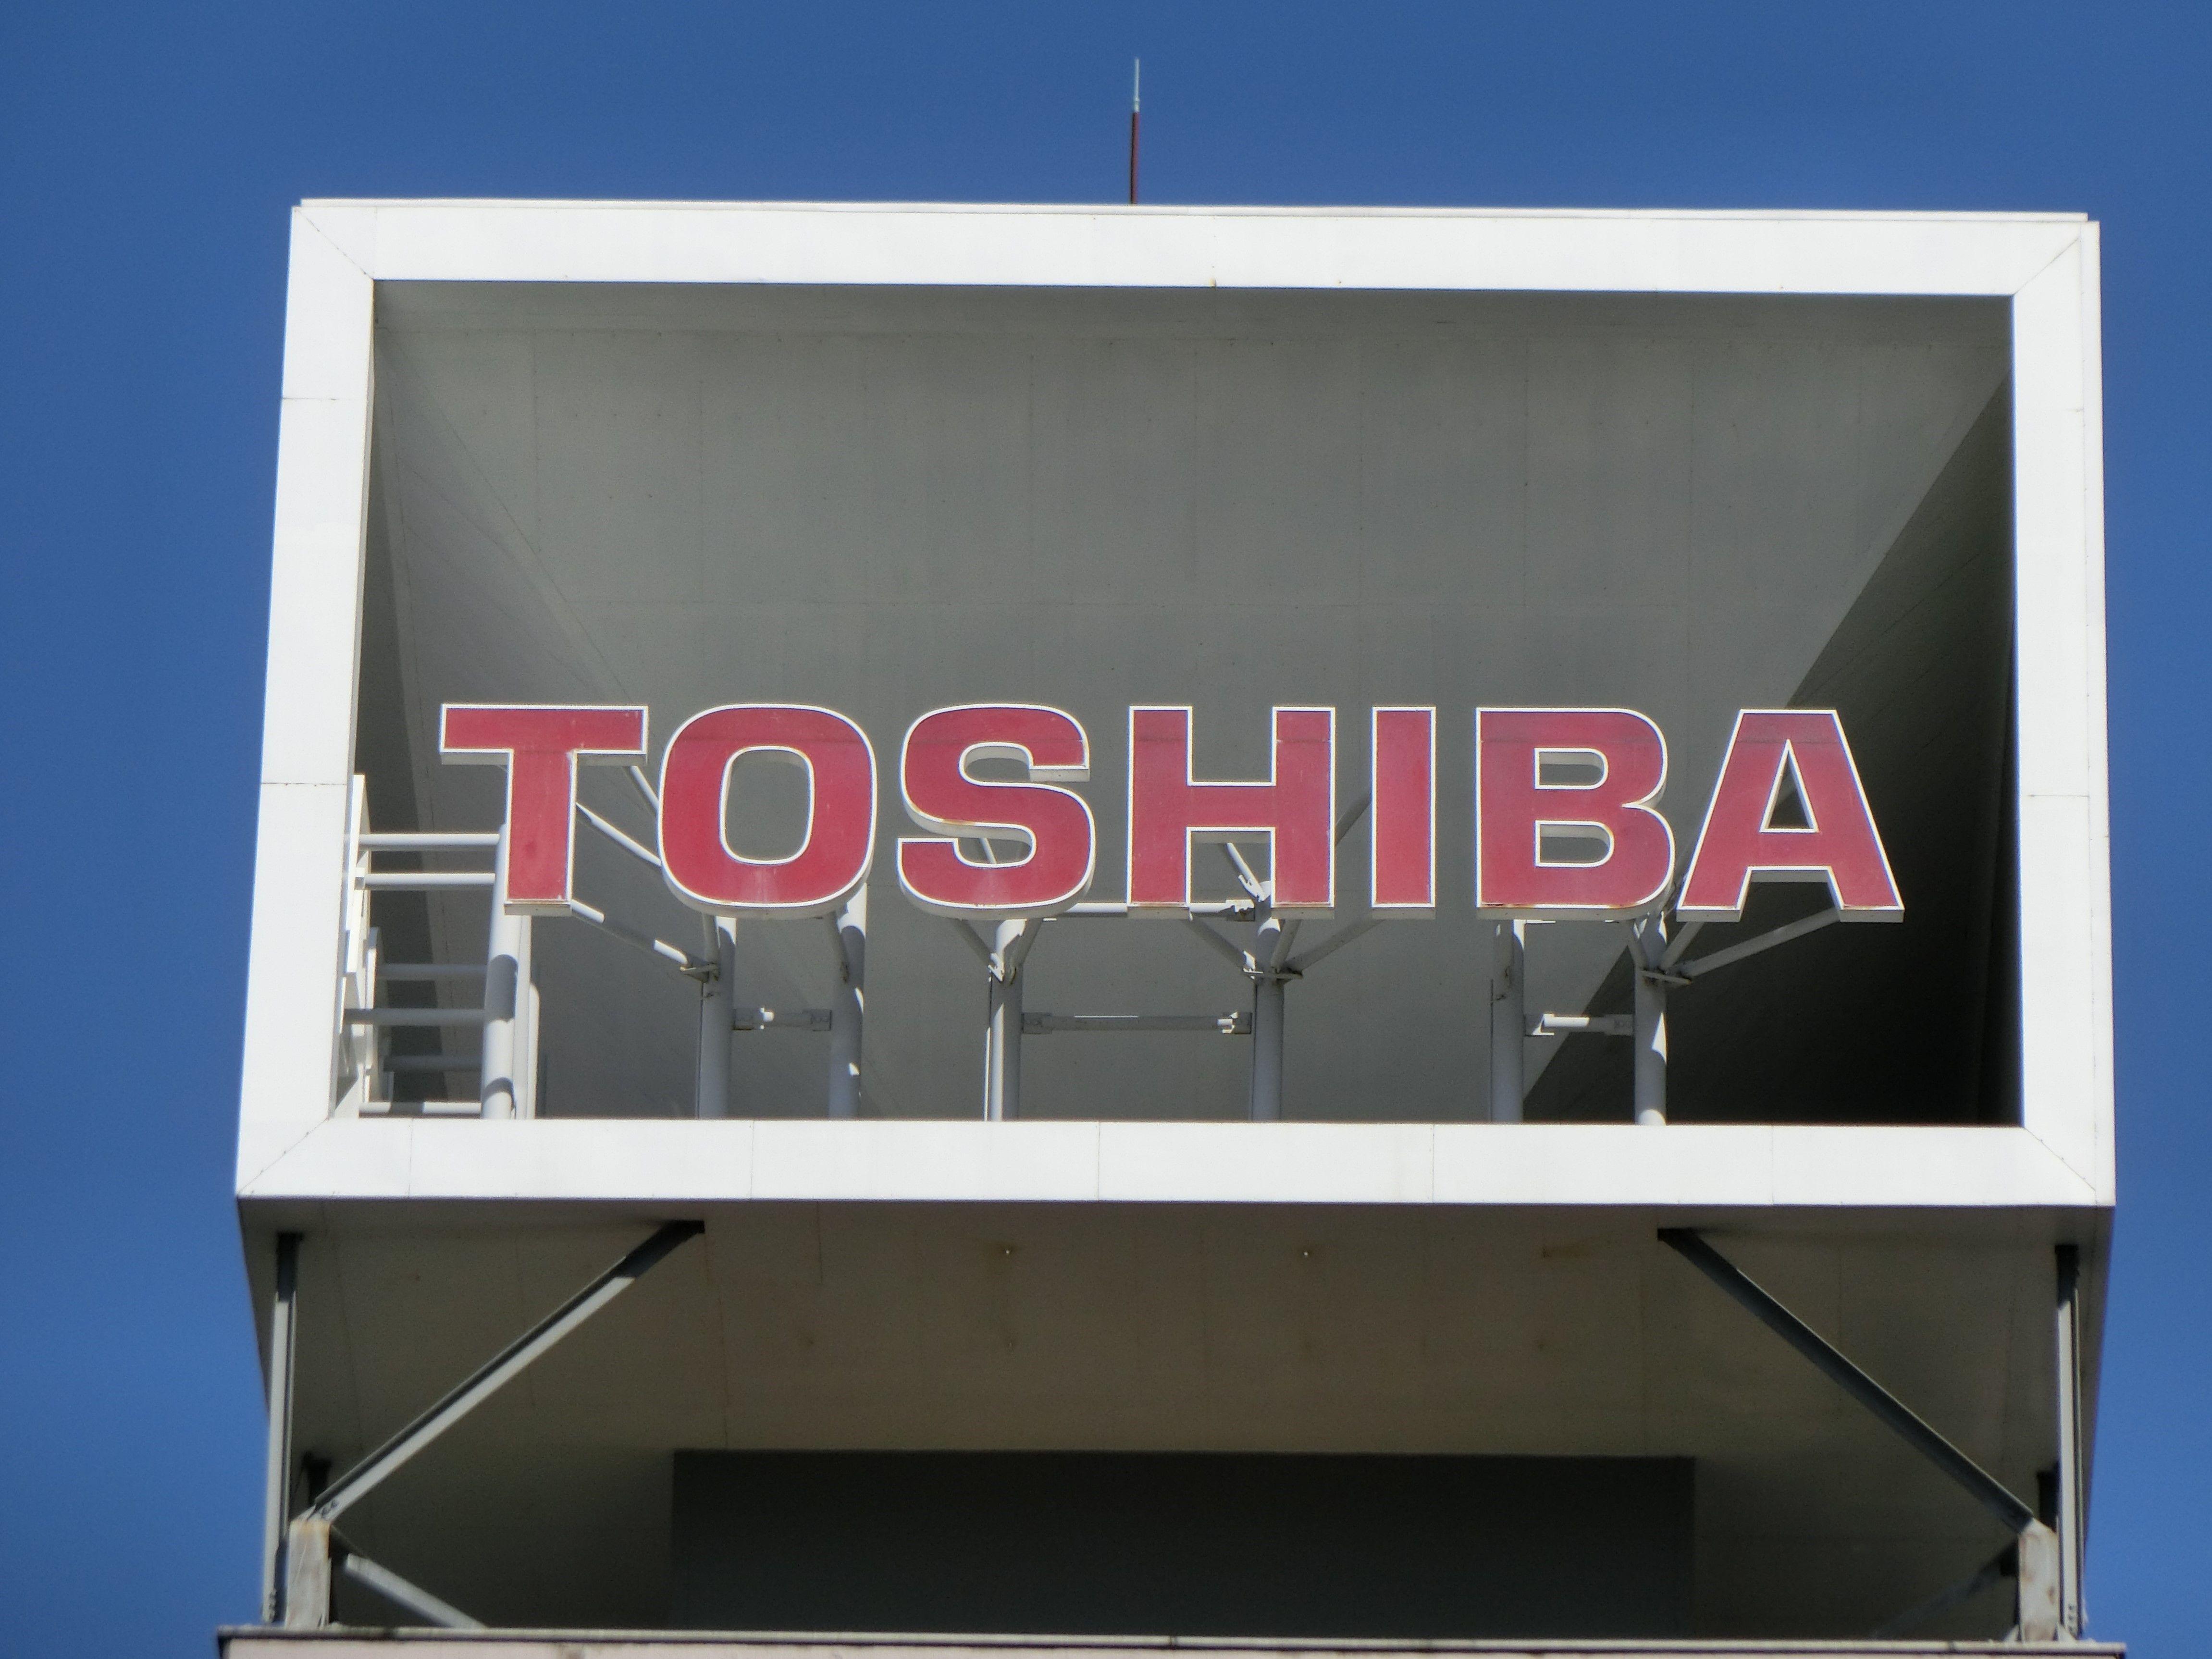 【新型コロナ】株主総会は予定通り開催できる?|東芝、早々に延期を決定